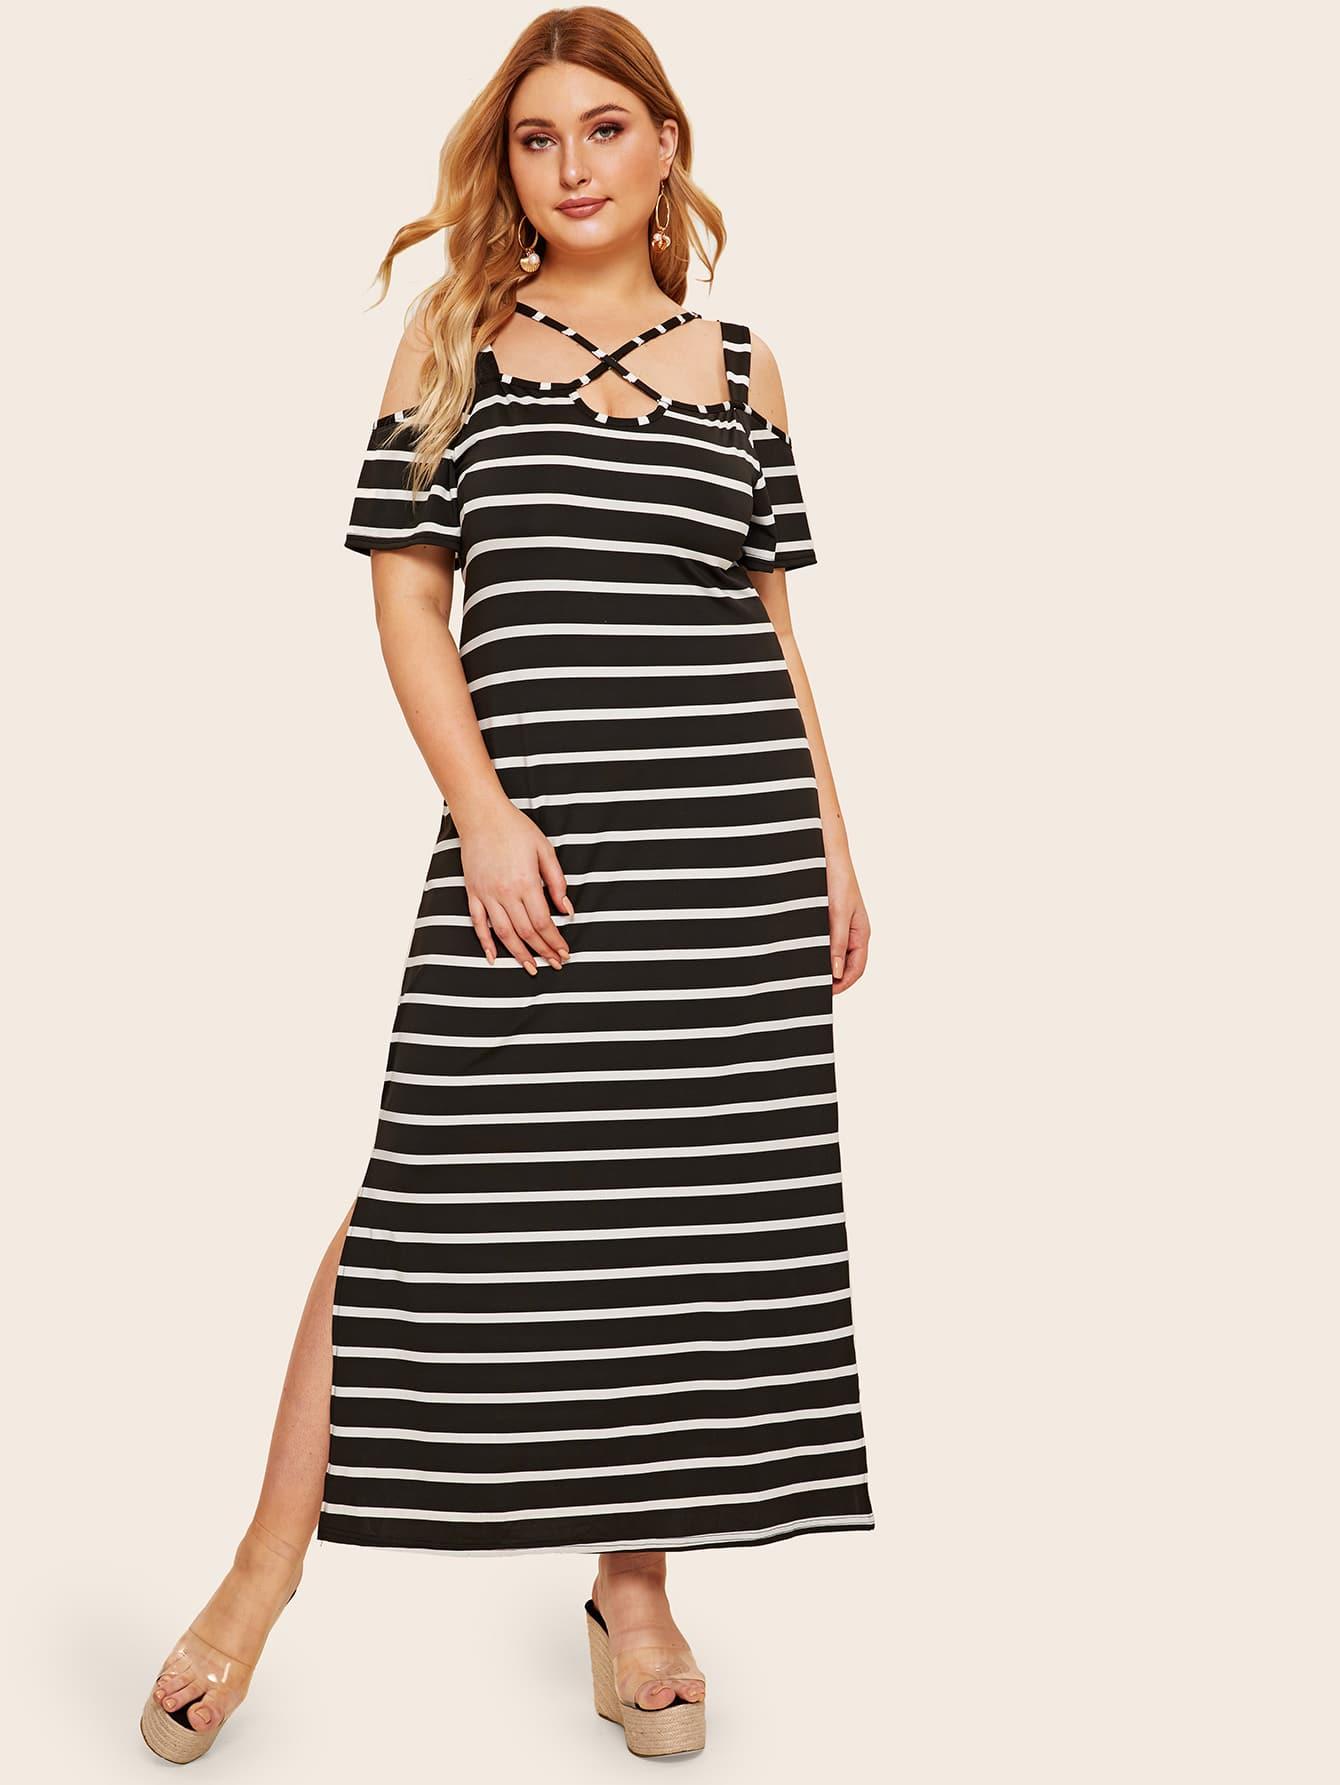 Фото - Полосатое платье с разрезом размера плюс от SheIn цвет чёрнобелые